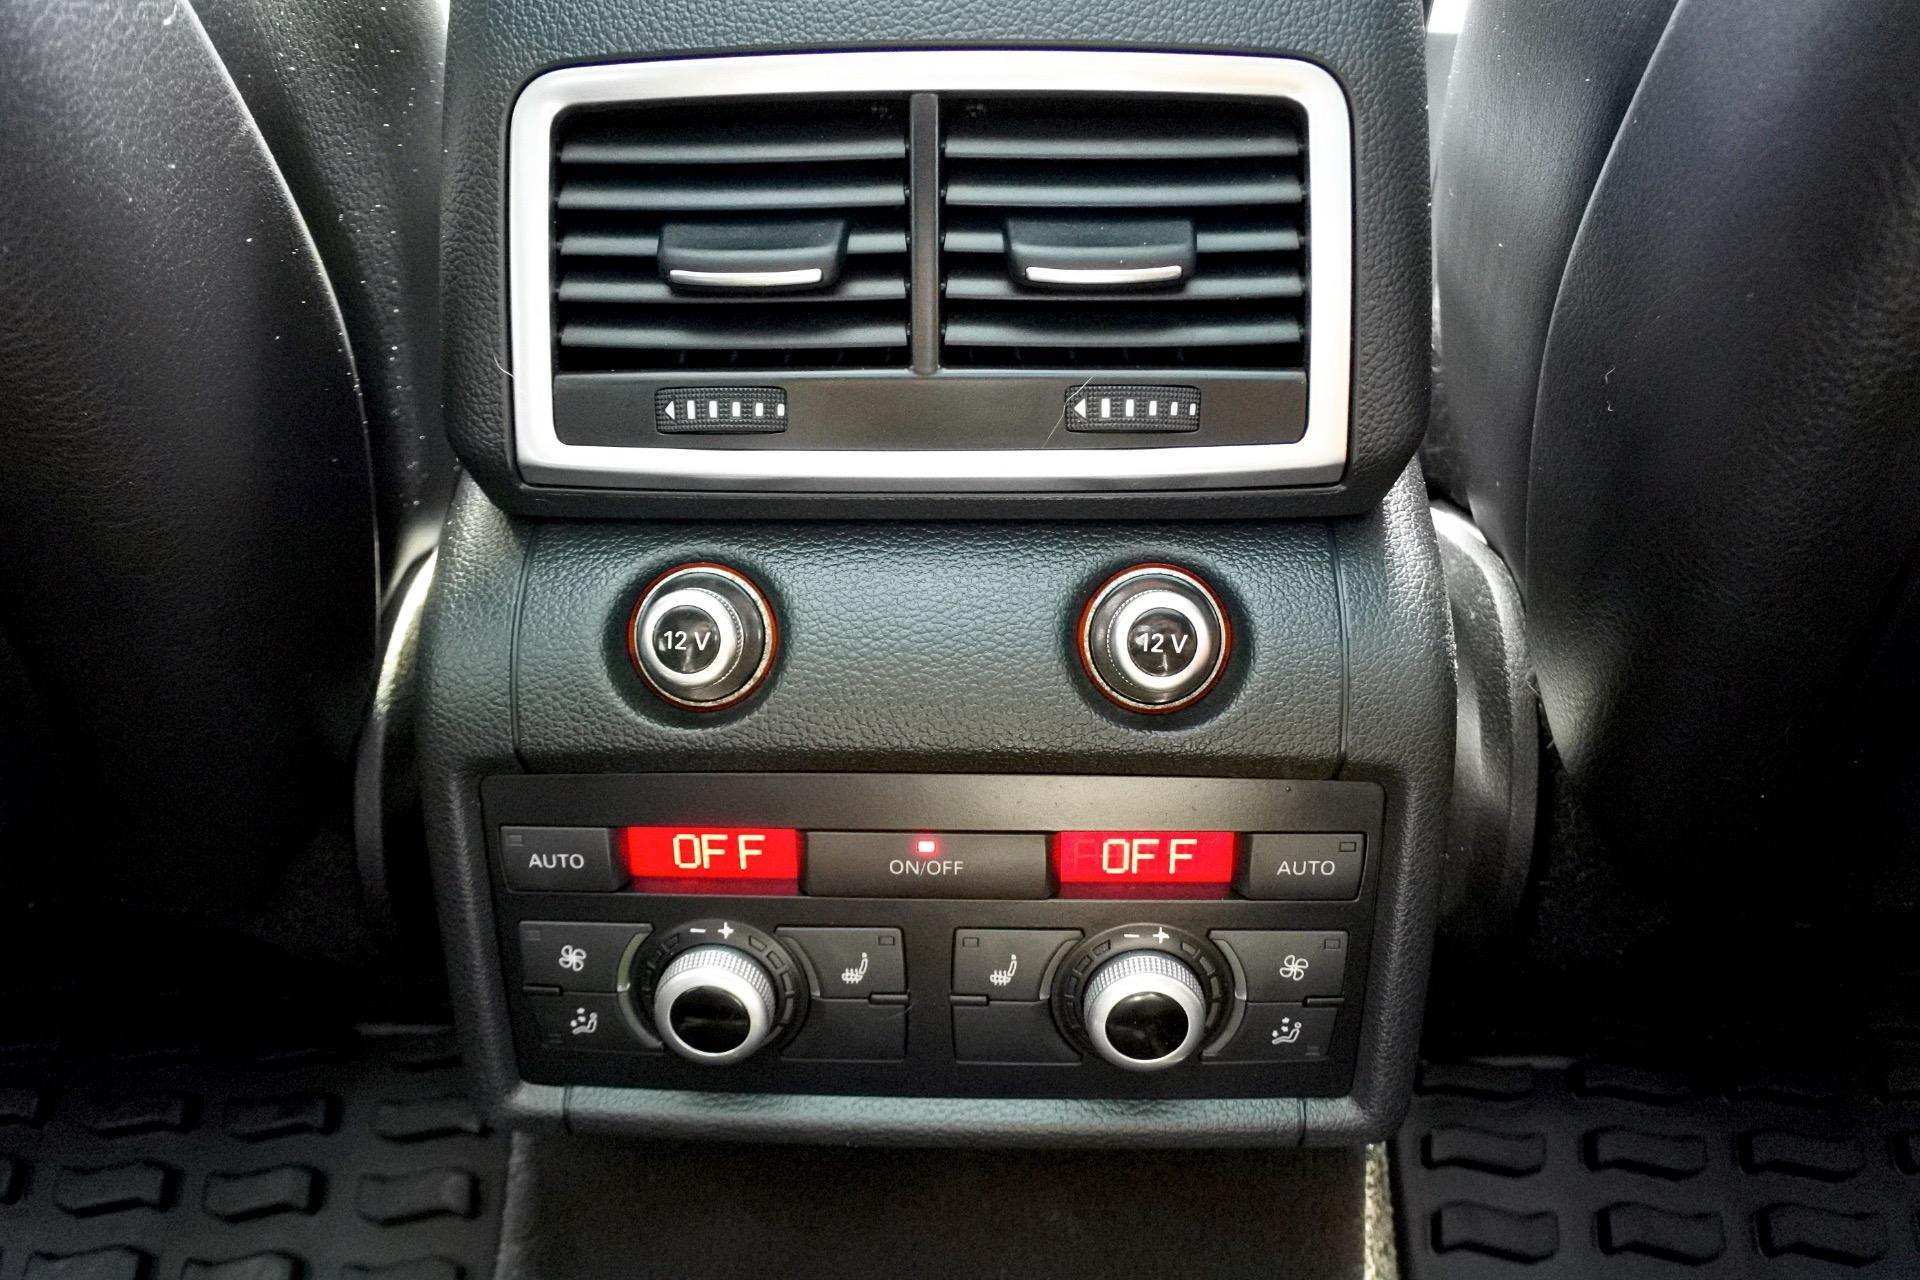 Used 2013 Audi Q7 TDI Premium Plus Used 2013 Audi Q7 TDI Premium Plus for sale  at Metro West Motorcars LLC in Shrewsbury MA 19